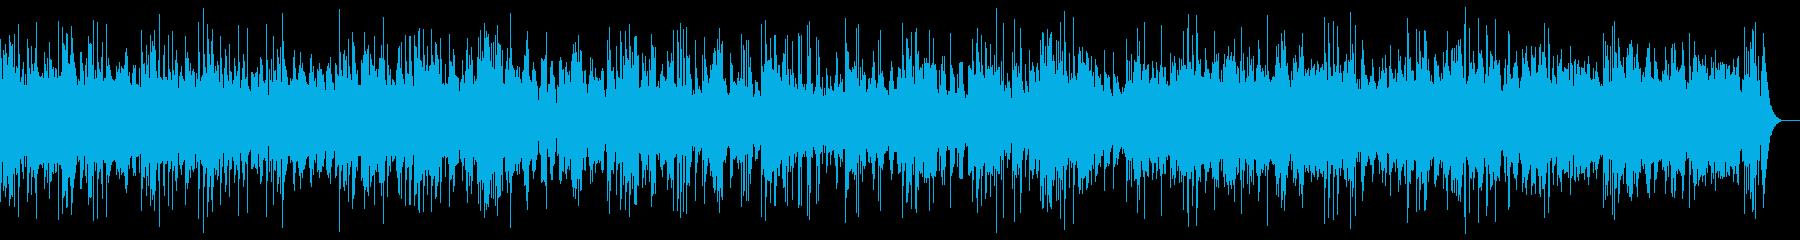 ピアノとシンセのアンビエント_効果音なしの再生済みの波形